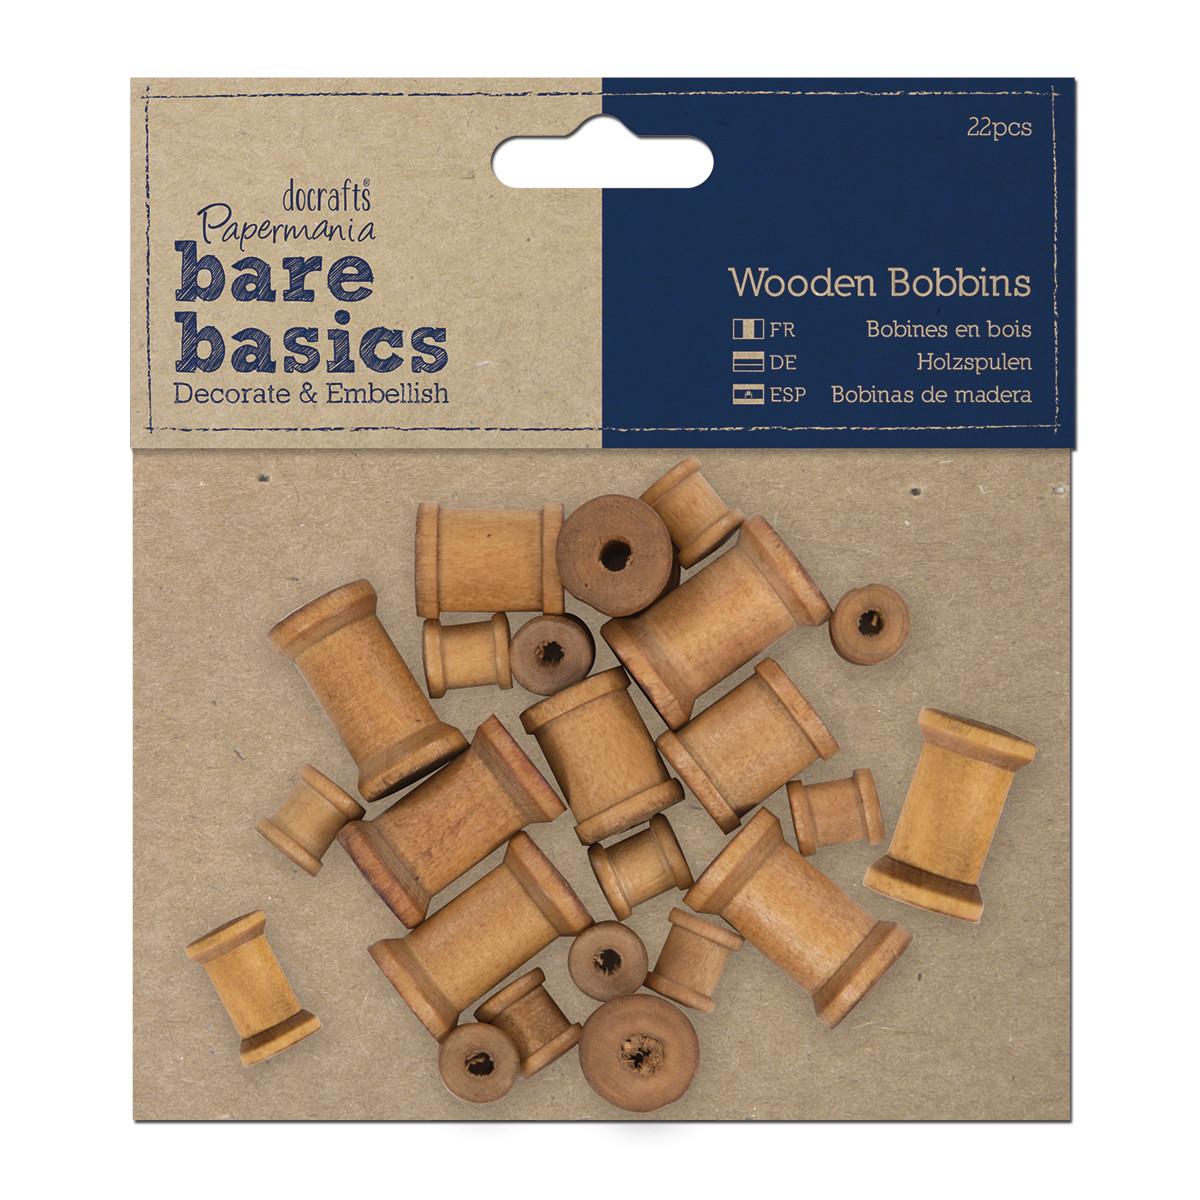 Дереевянные бобины (22шт) - Bare Basics